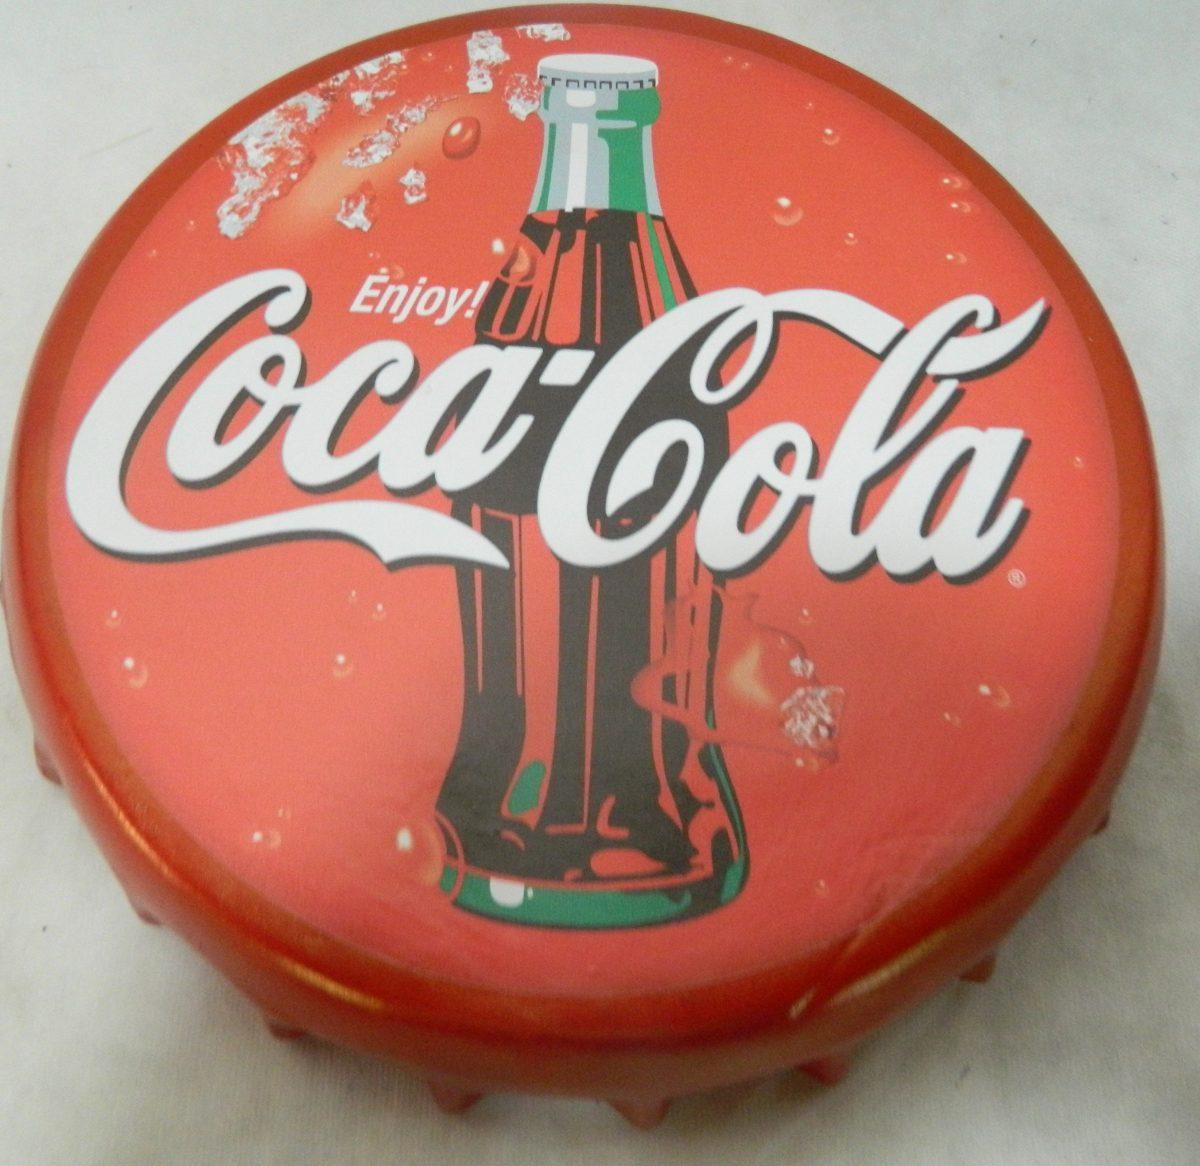 Enfeite De Gesso ~ Enfeite De Parede Em Gesso Coca Cola R$ 29,00 no MercadoLivre